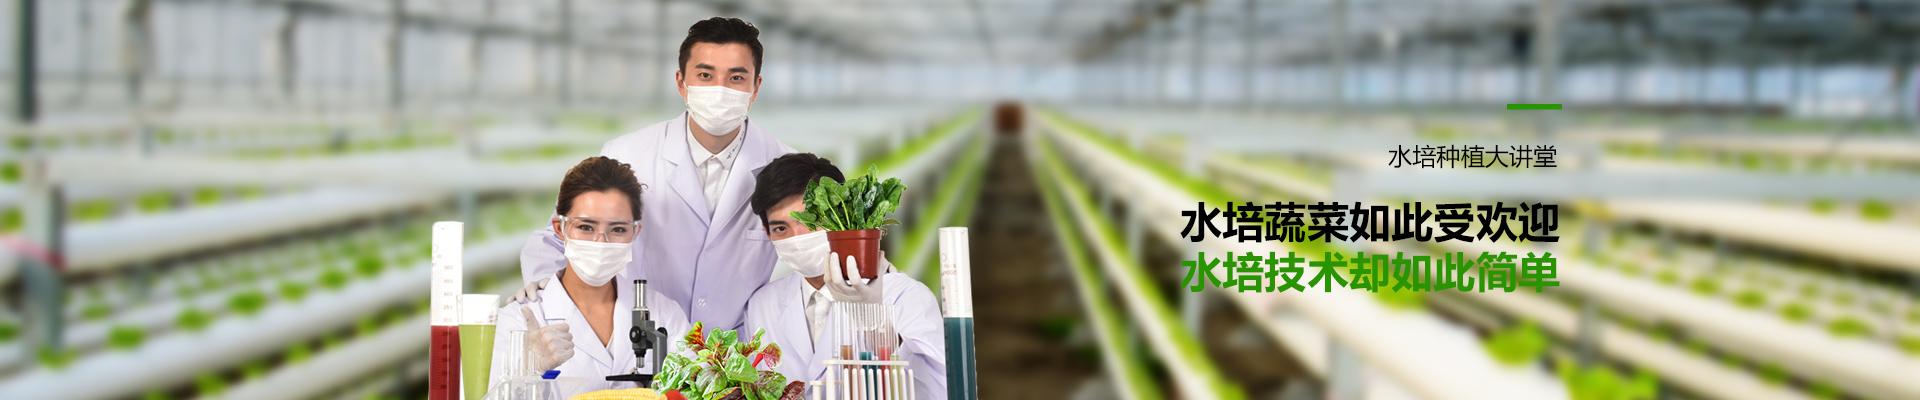 荣成农业-水培蔬菜如此受欢迎,水培技术却如此简单